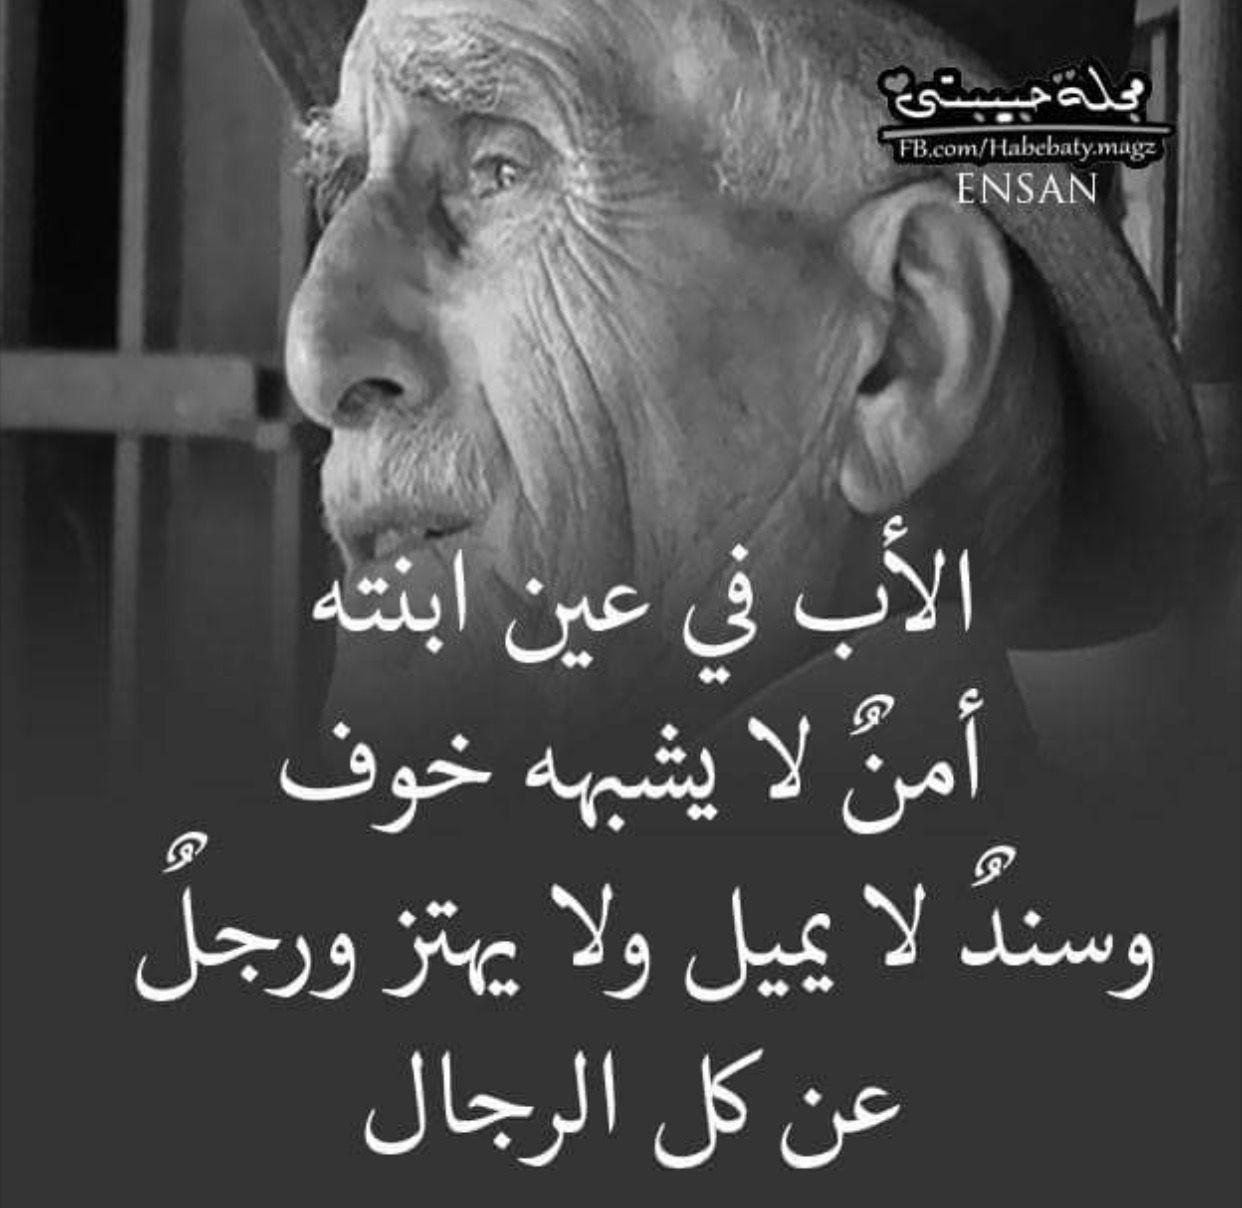 الأب في عيني أبنته رجل عن كل الرجال Dad Quotes Funny Arabic Quotes Quotes For Book Lovers